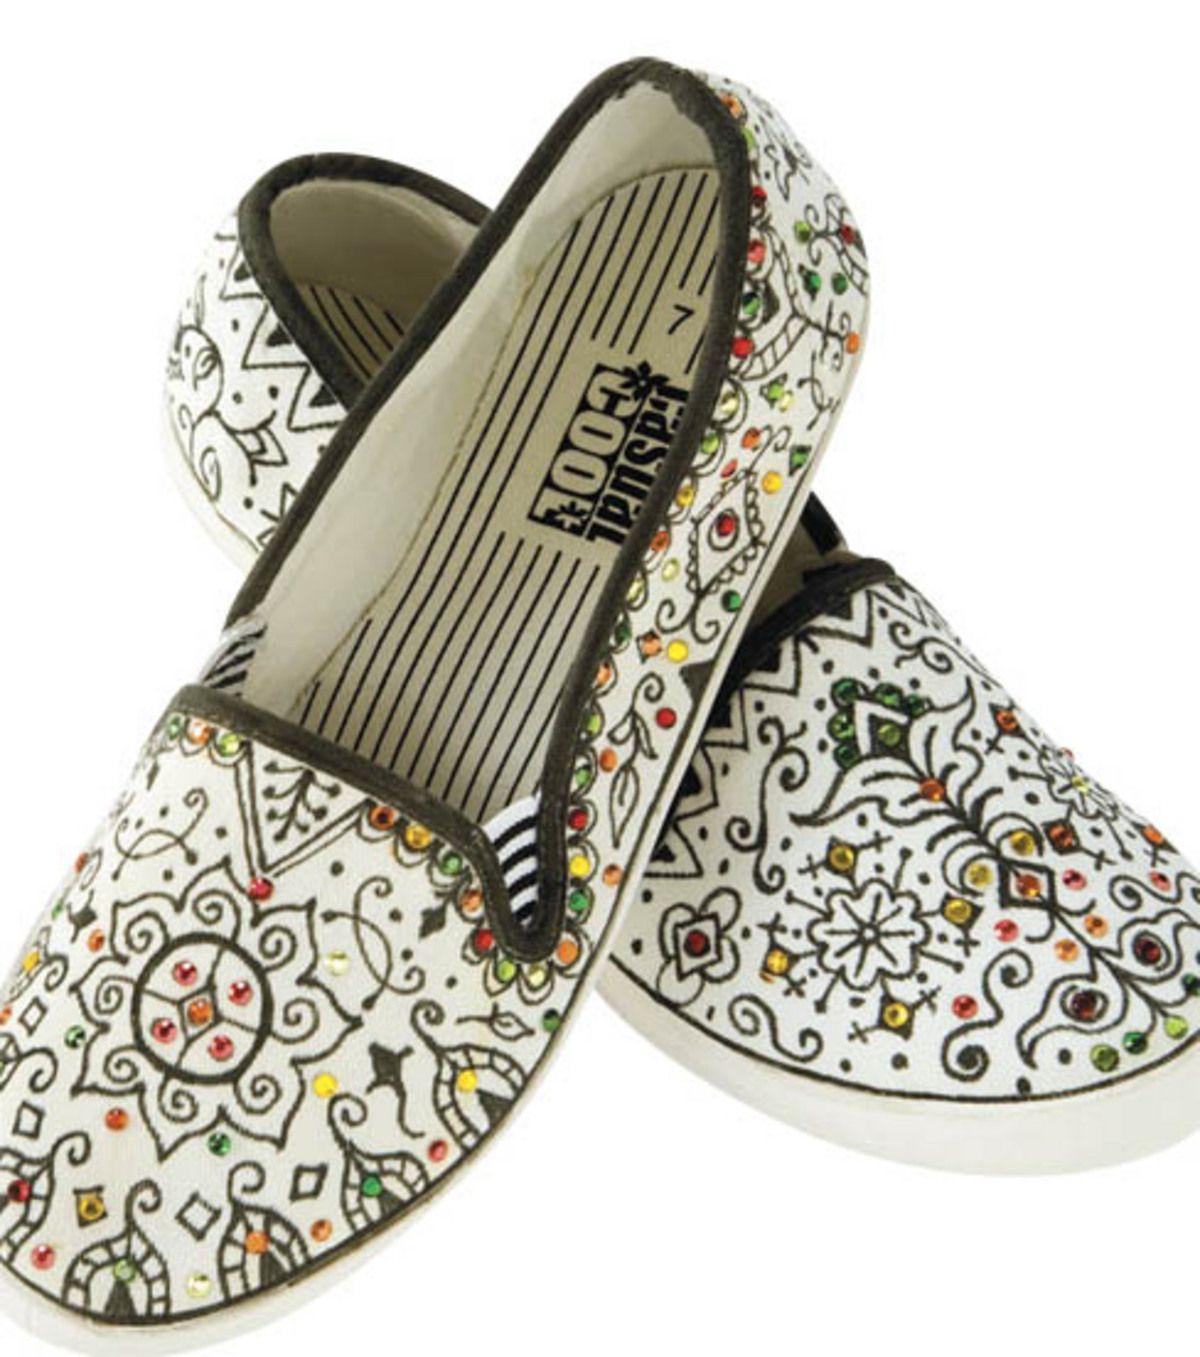 Shoe Art On Canvas Shoes Doodle Shoe Design Inspiration From Joann Com Sharpie Shoes Canvas Shoes Doodle Shoes